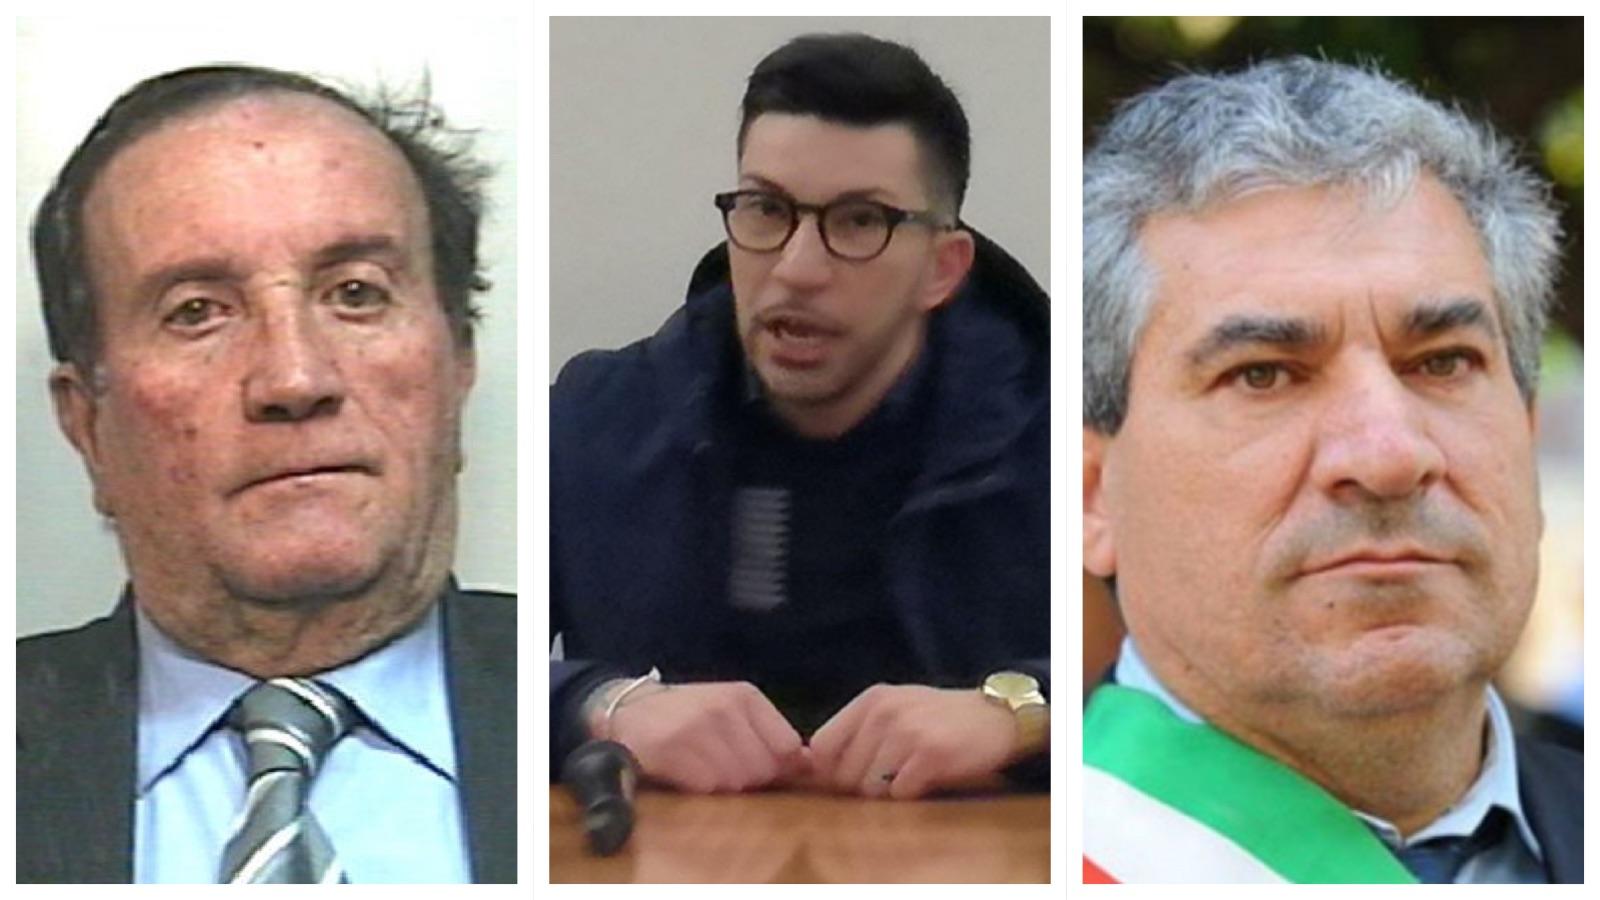 Compravendita di voti a Catania, dodici indagati: anche Riccardo Pellegrino